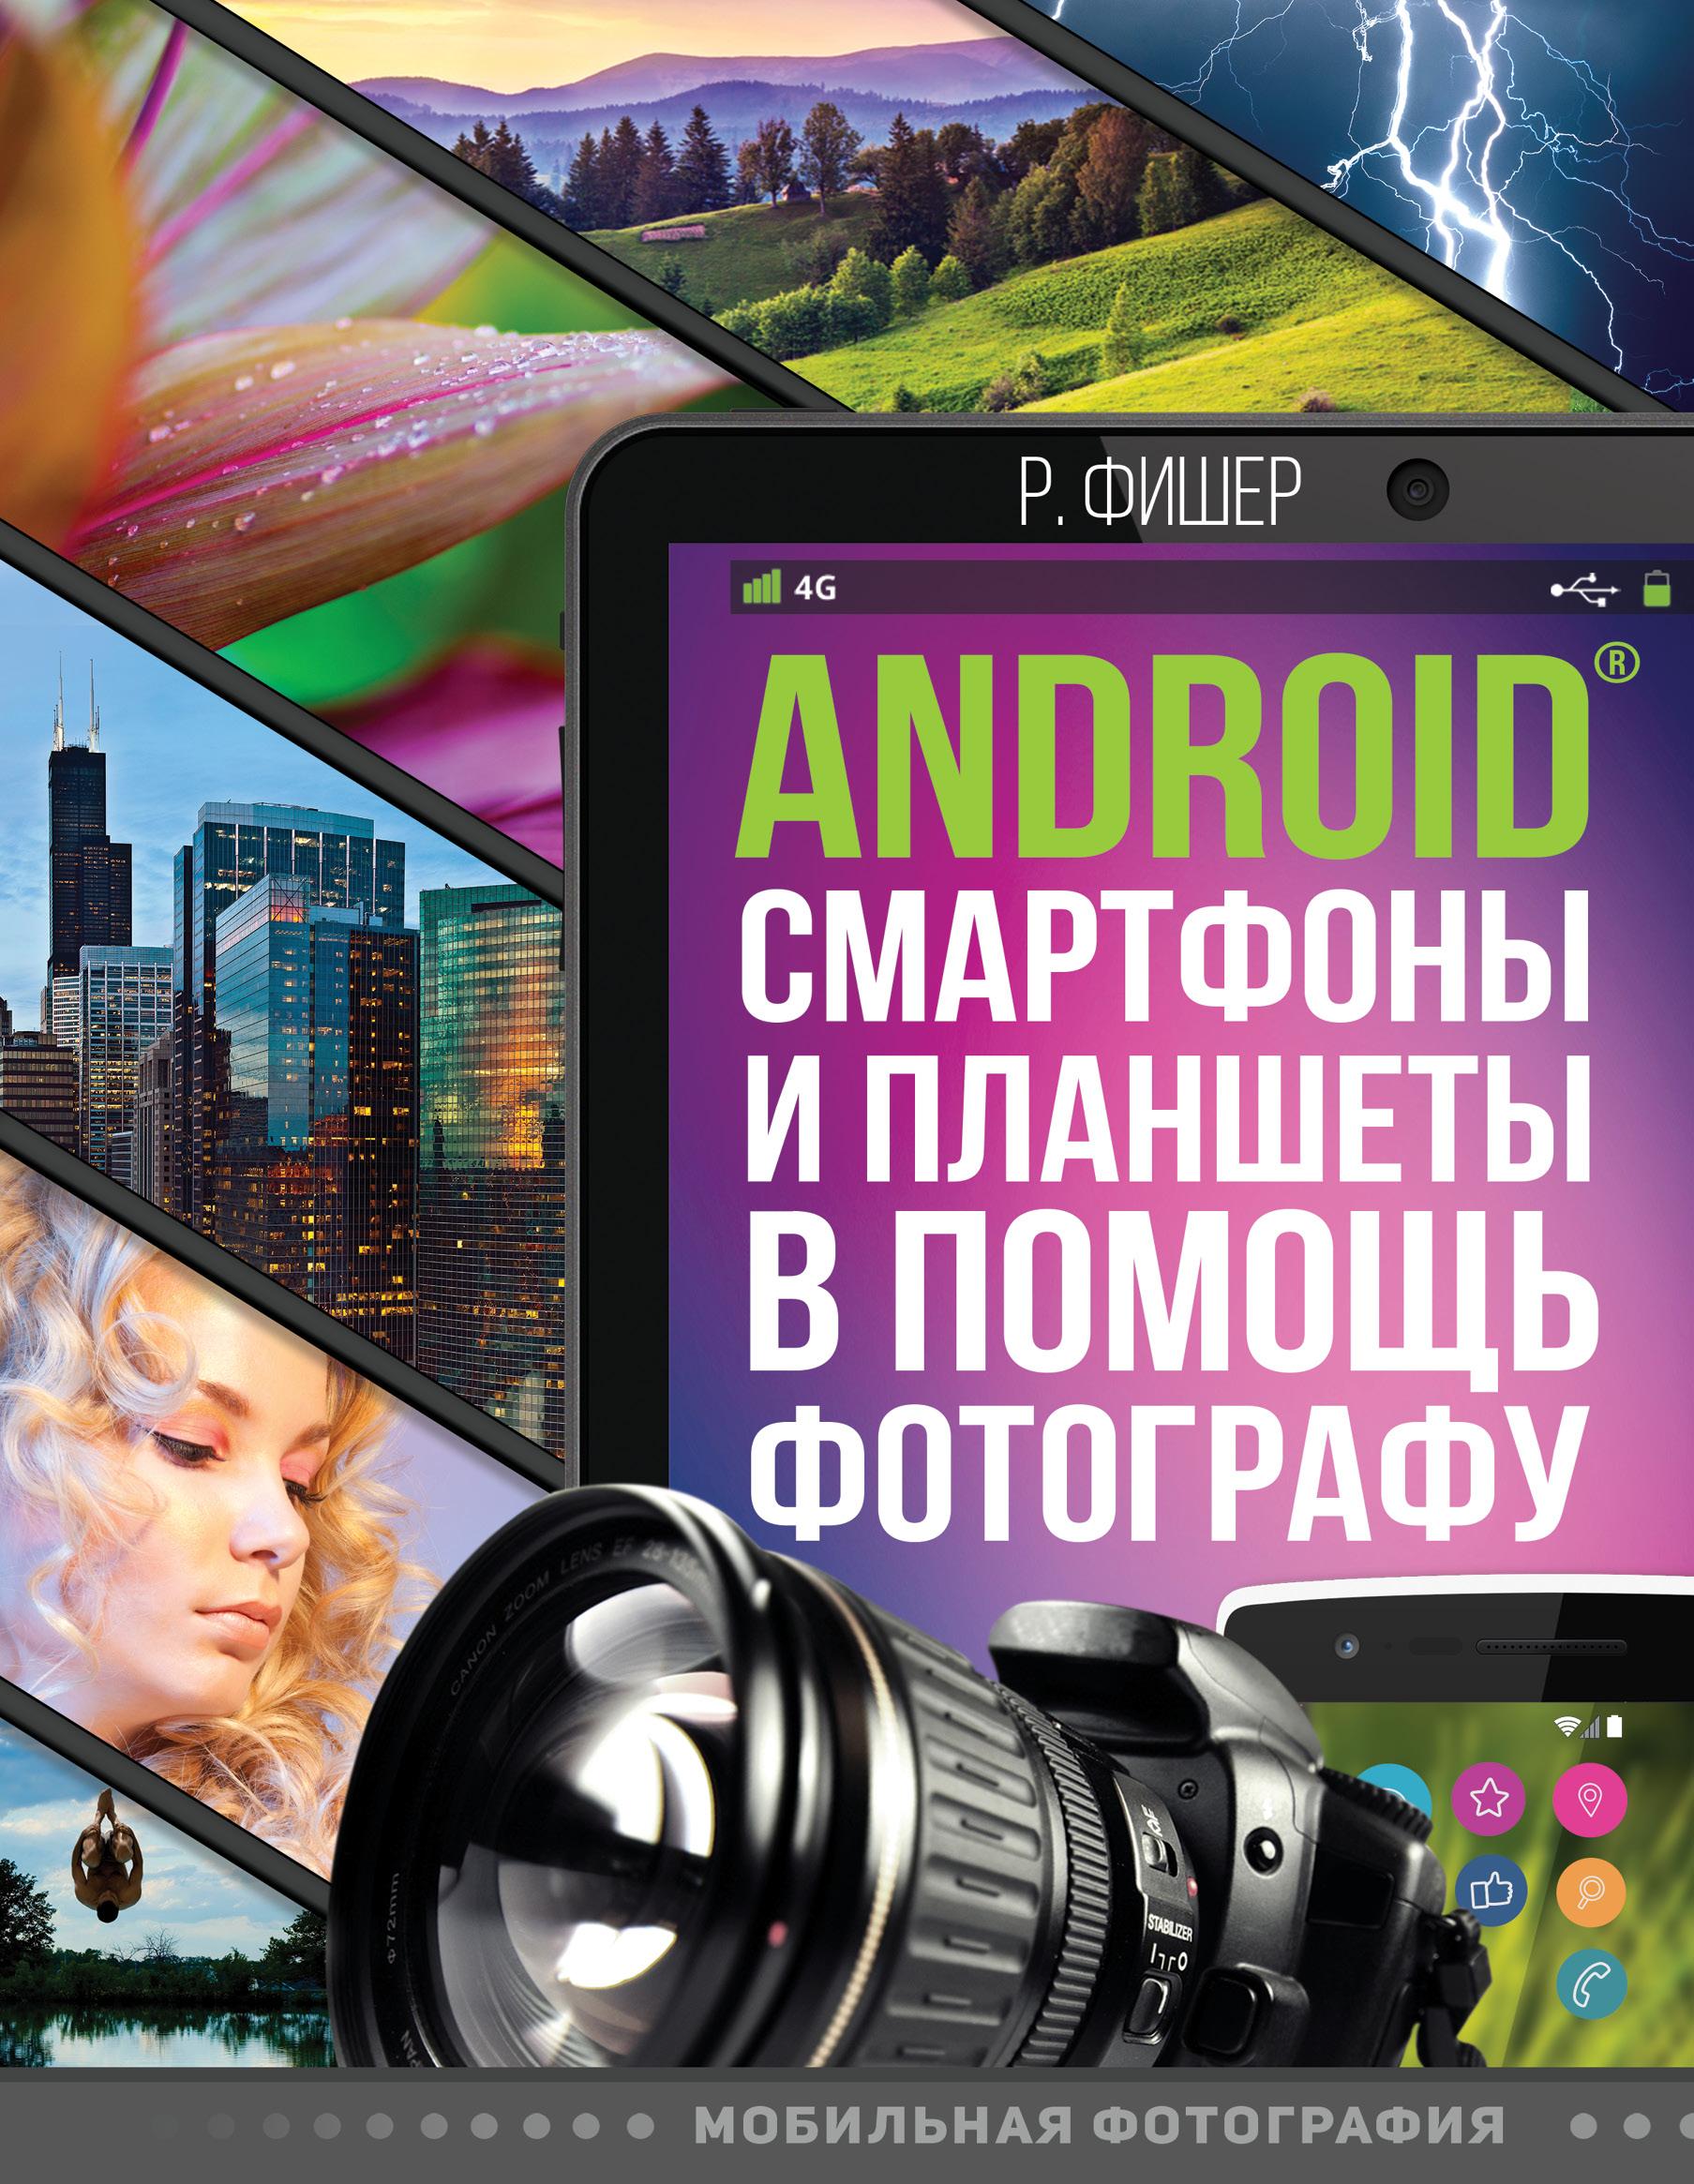 Android смартфоны и планшеты в помощь фотографу